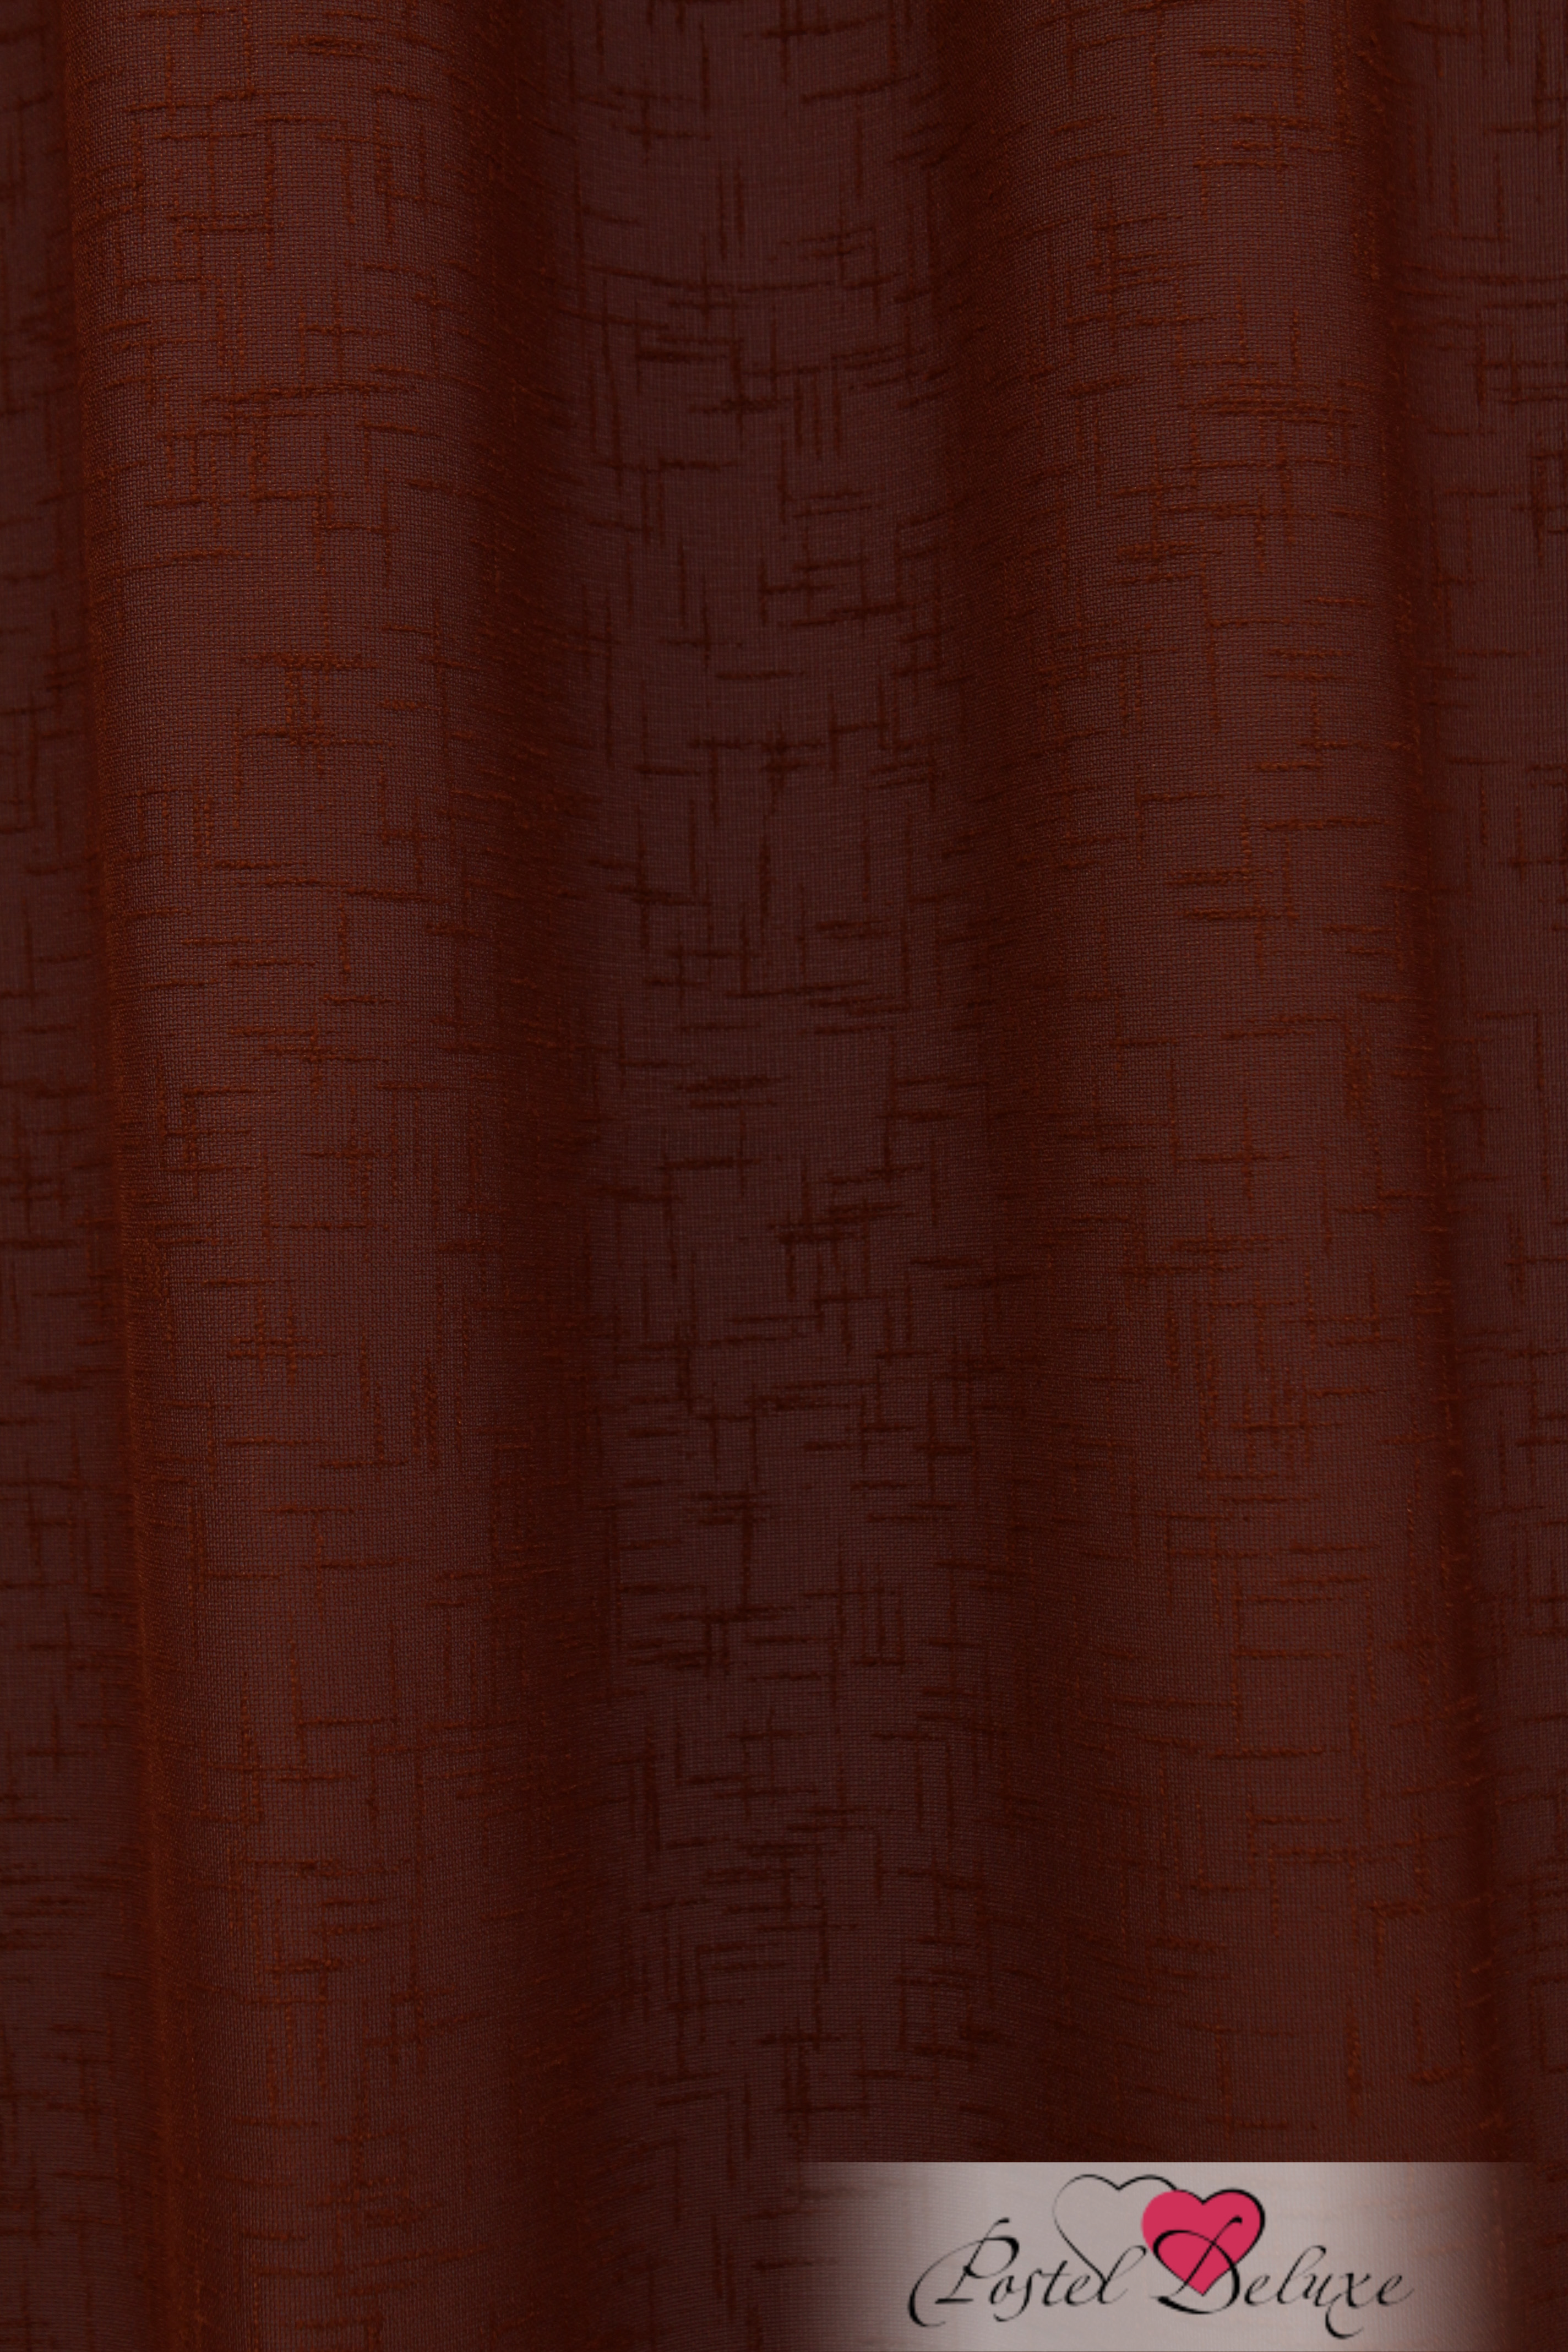 Шторы Sanpa Классические шторы Веста Цвет: Терракотовый шторы tac классические шторы winx цвет персиковый 200x265 см